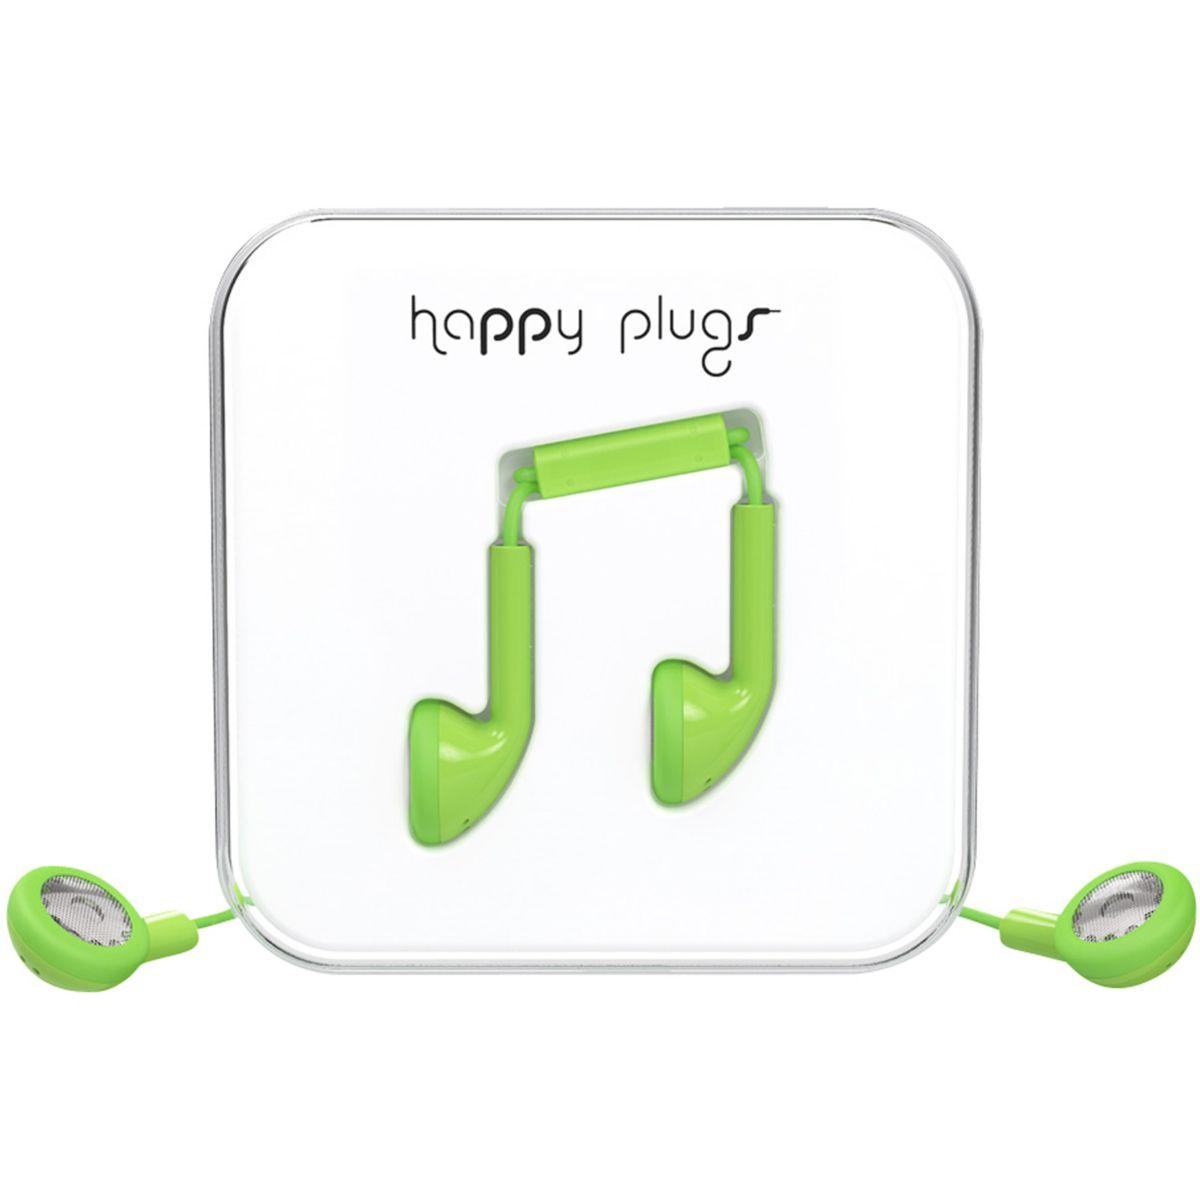 Ecouteurs avec micro happy plugs earbud mint - soldes et bons plans